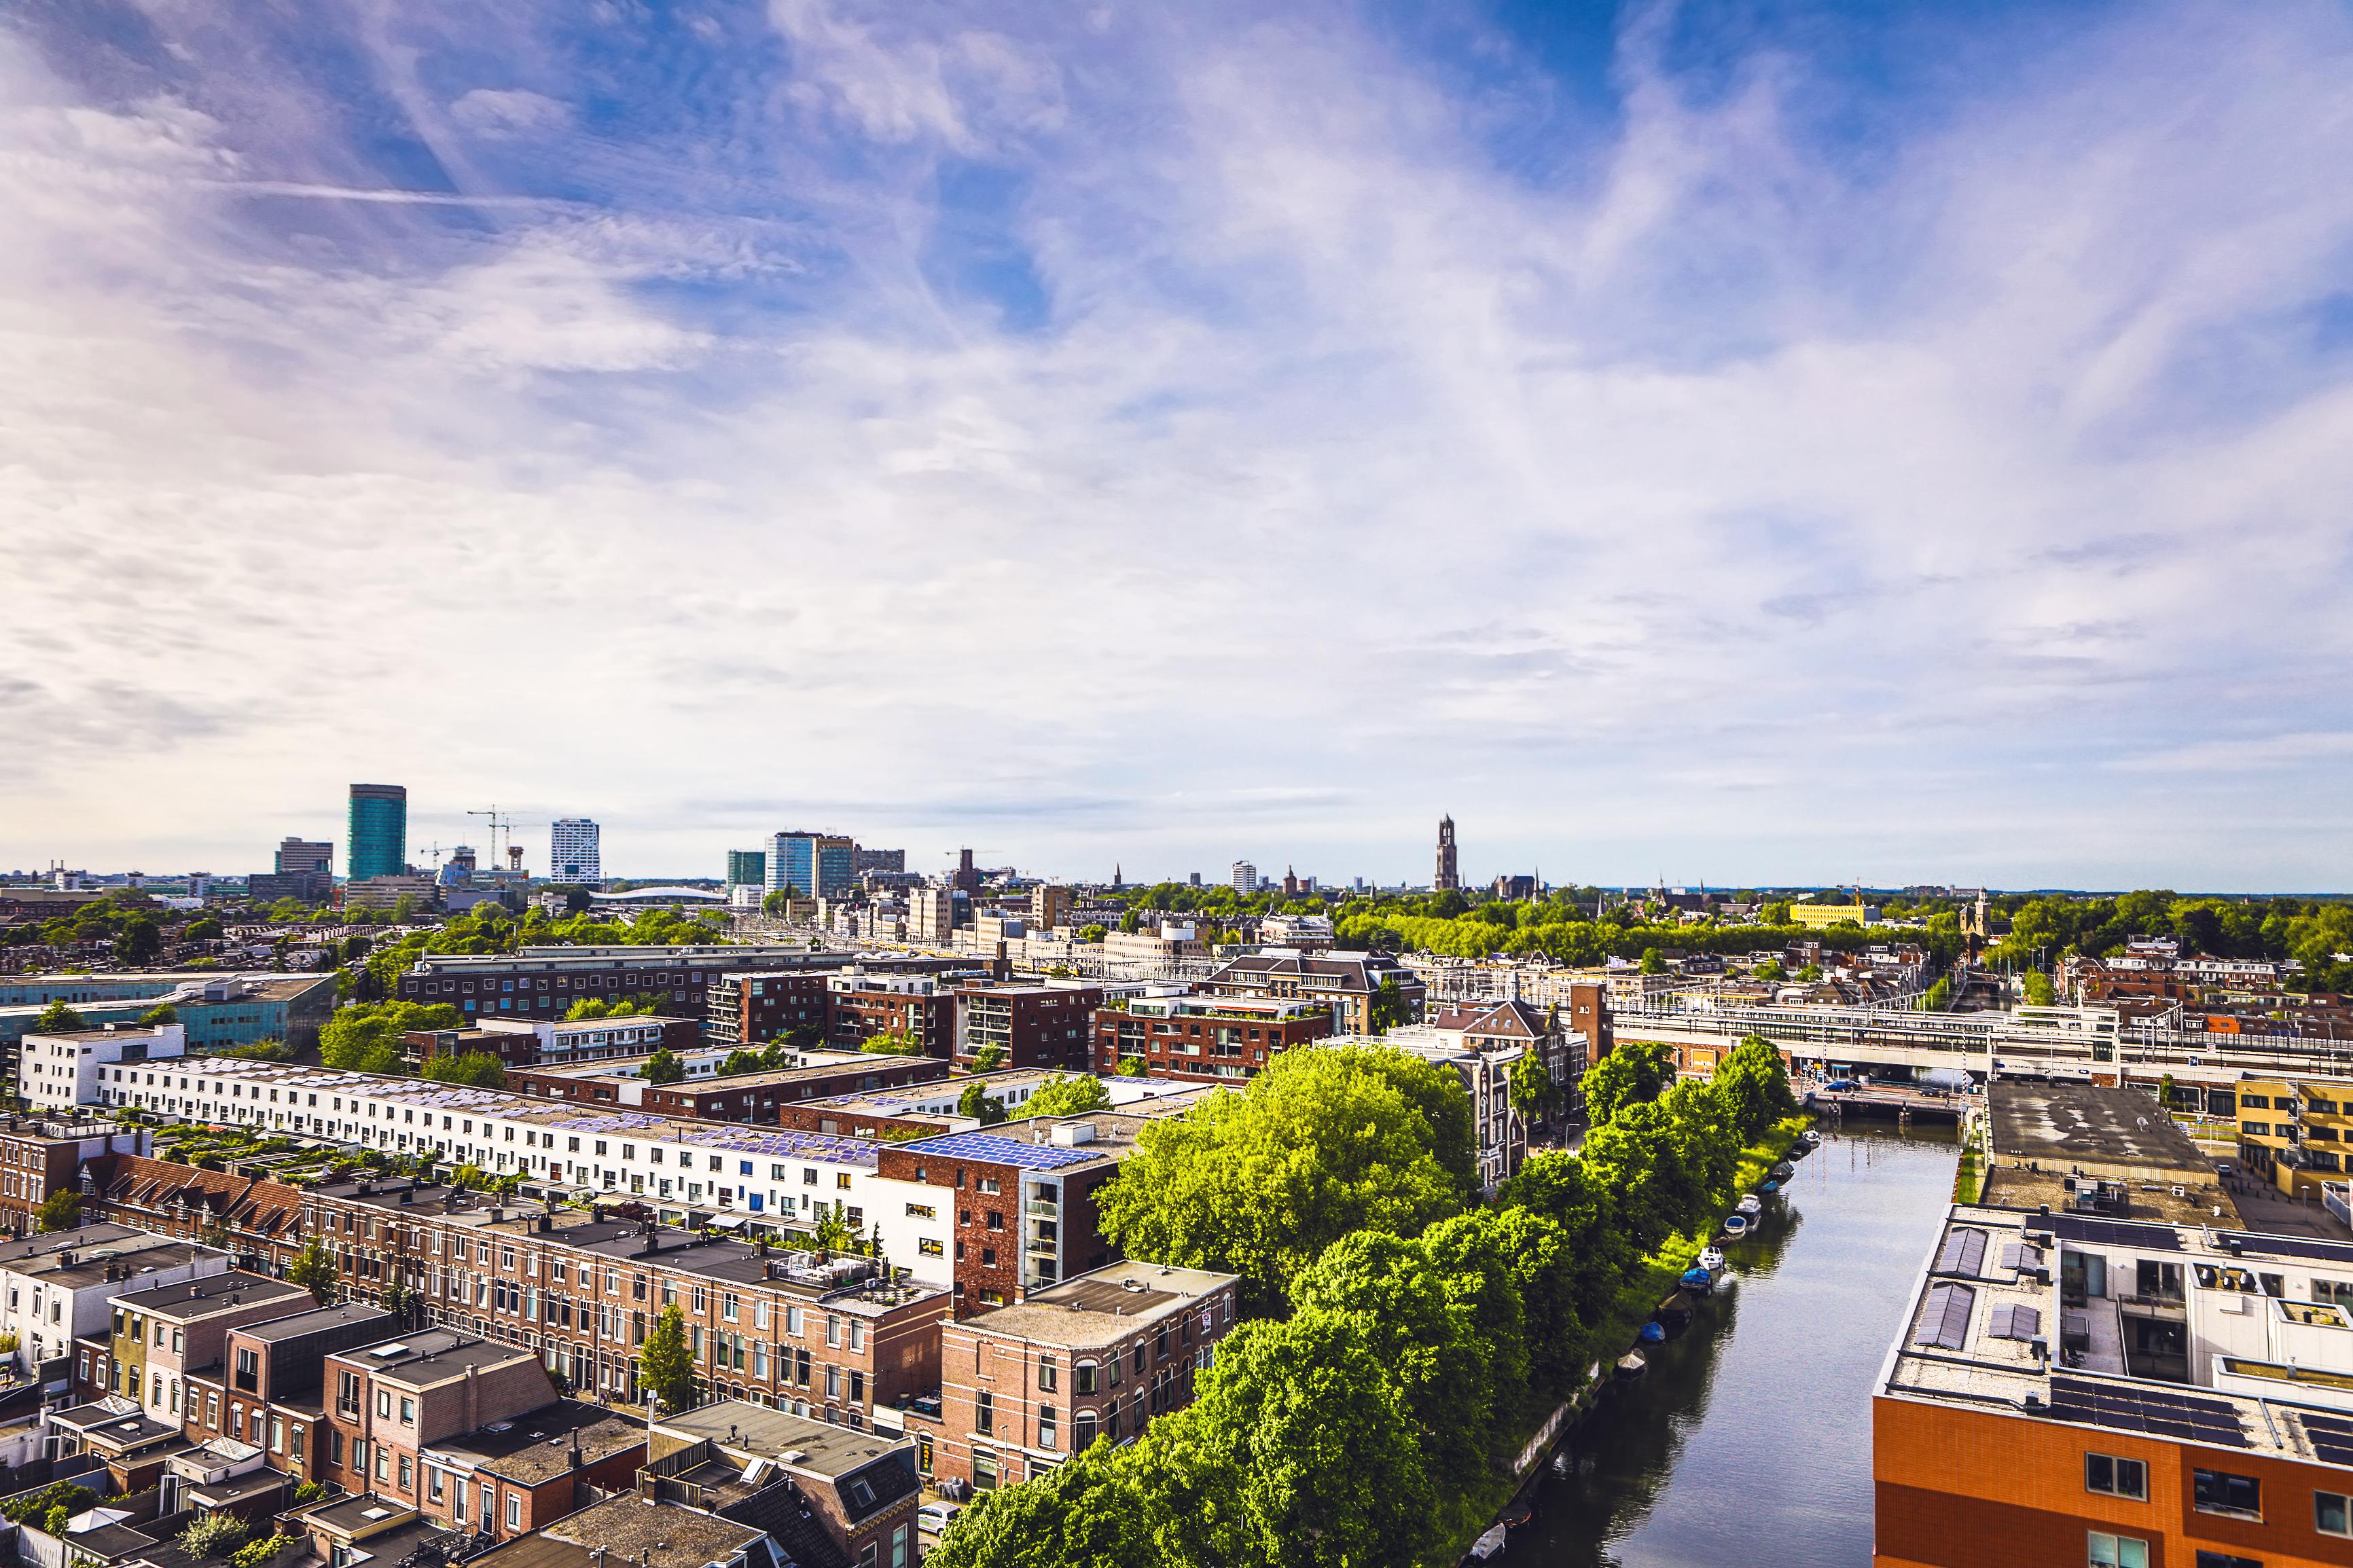 Visitad una de las ciudades más bellas de Holanda - Francia Circuito París, Bruselas y Ámsterdam